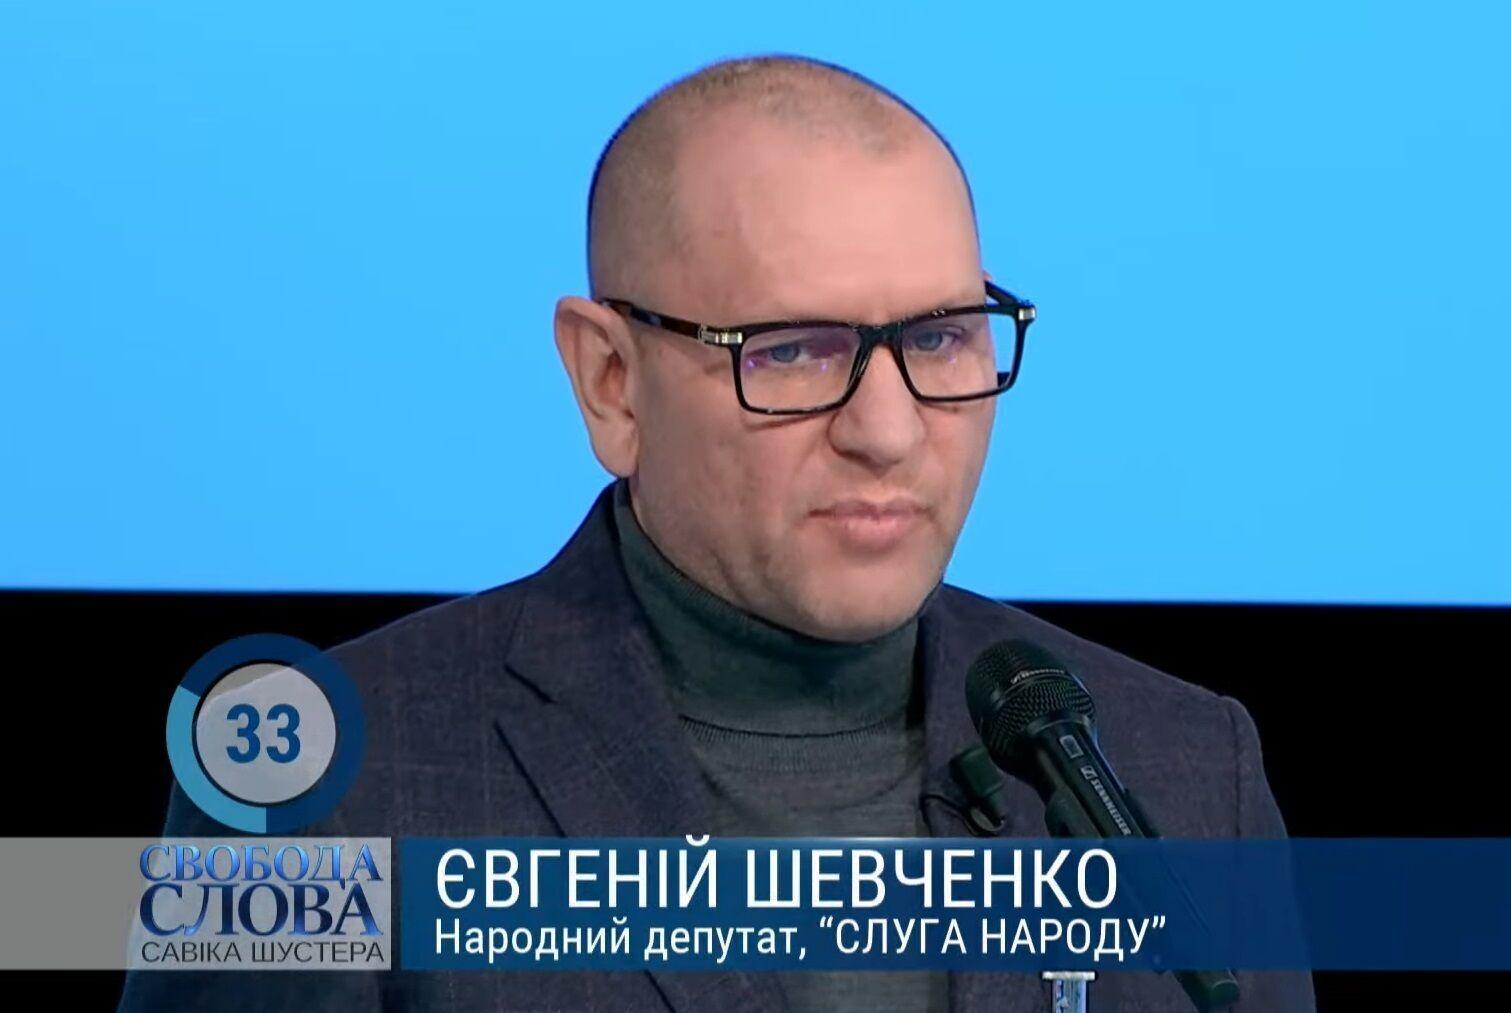 Євген Шевченко.